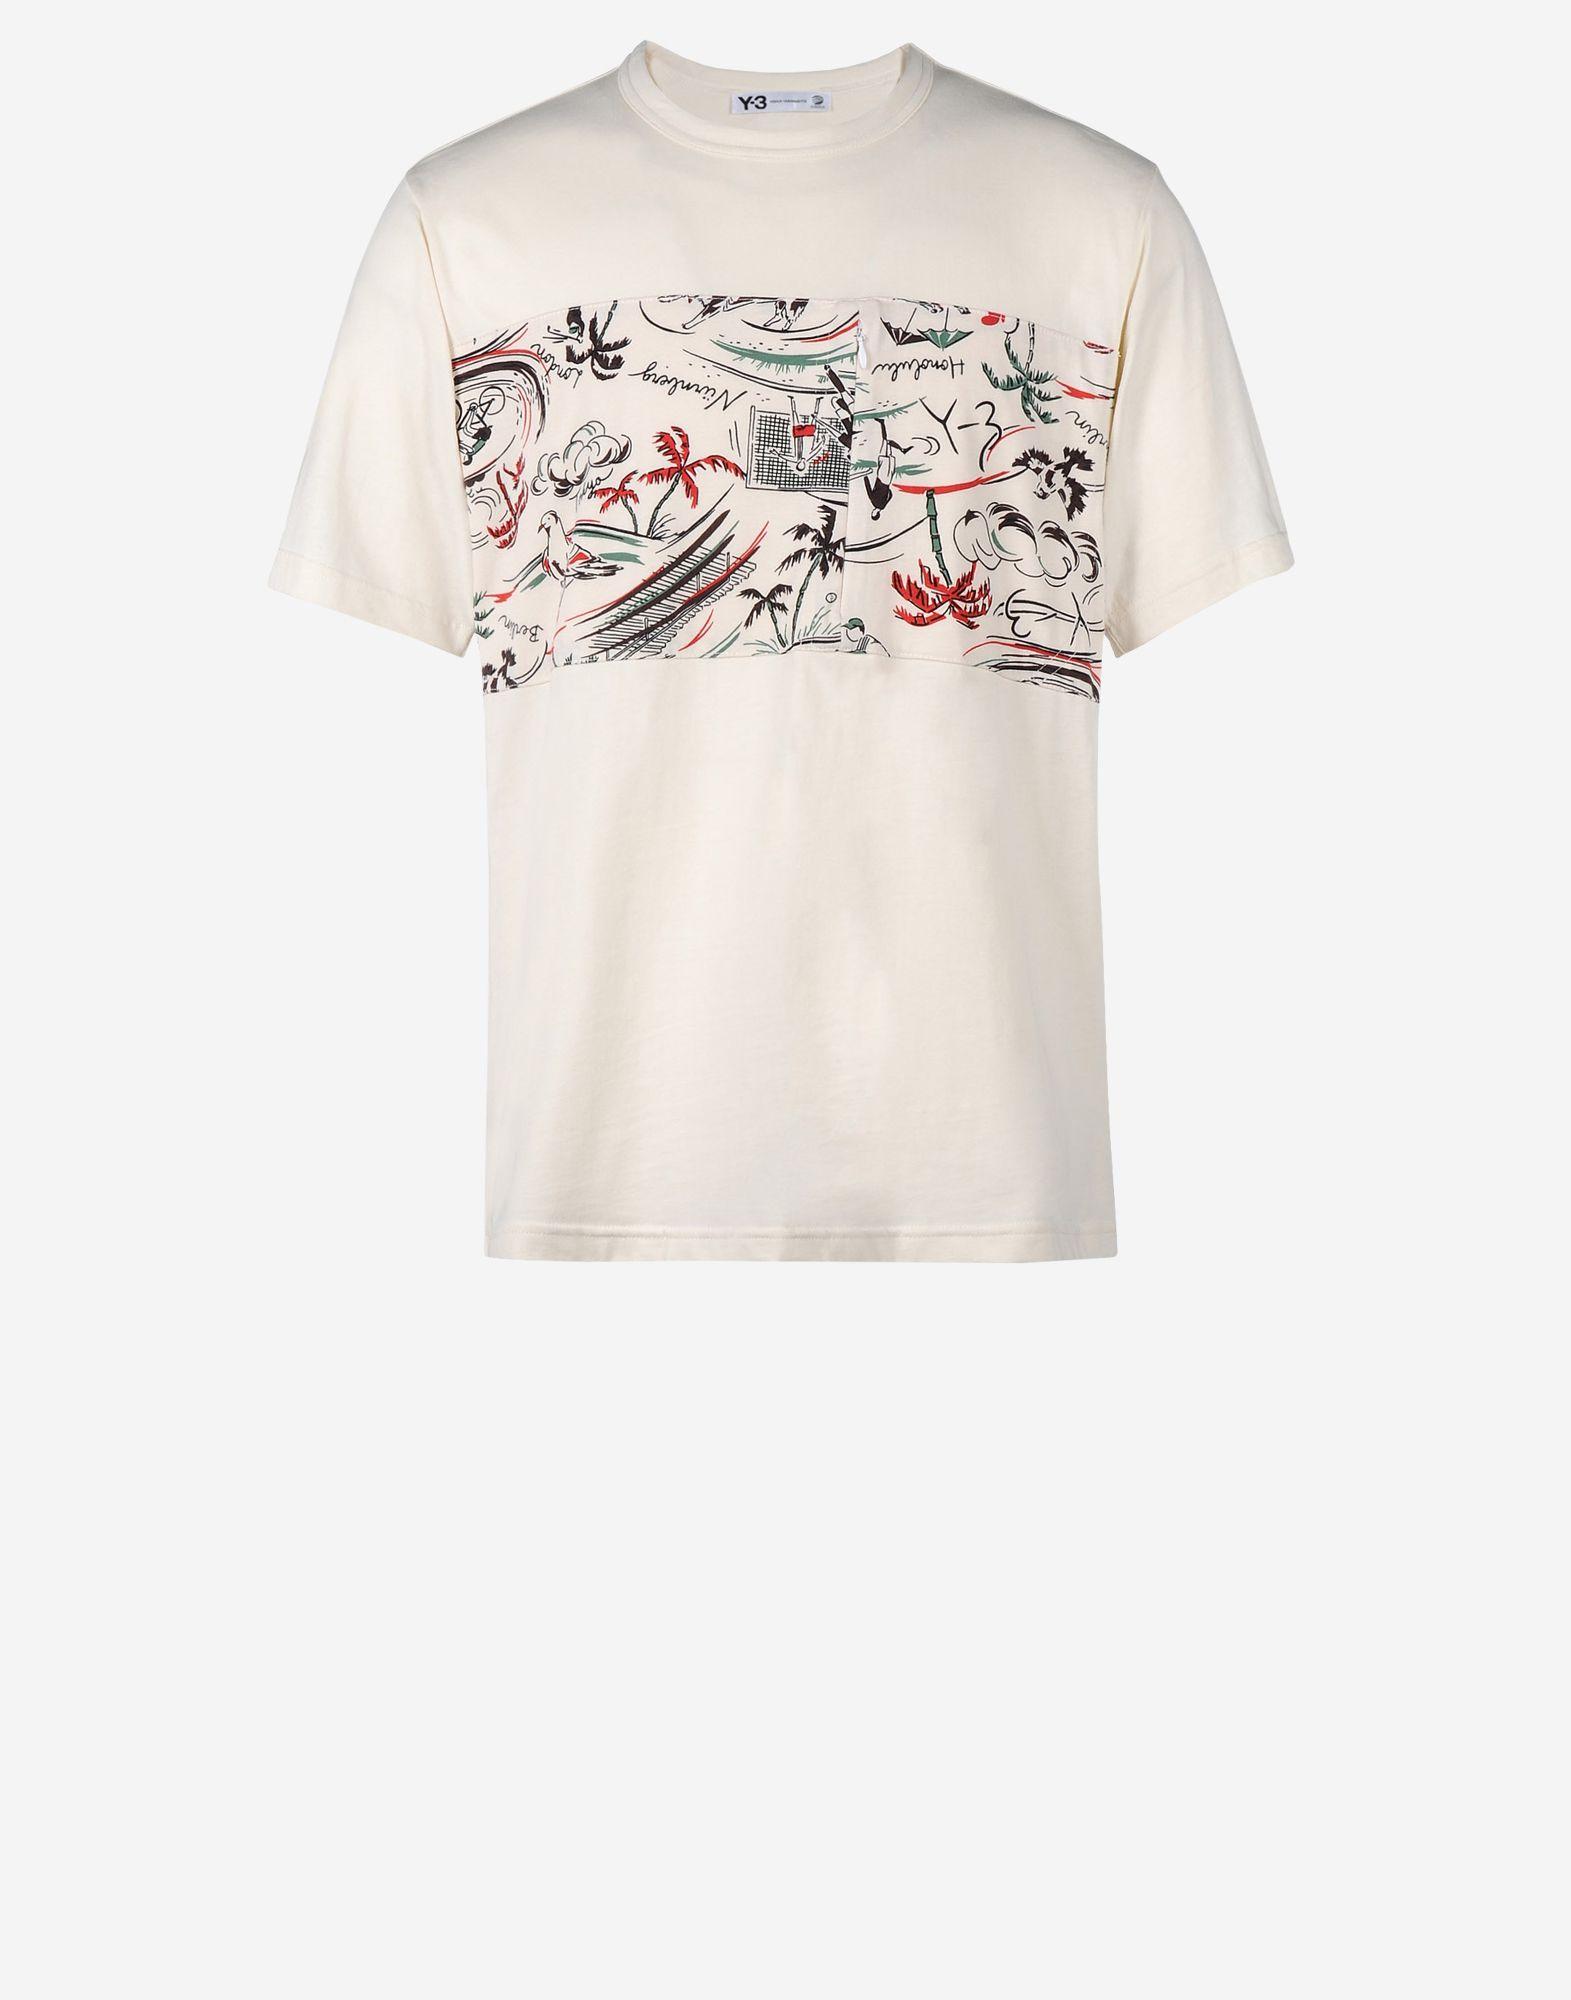 6729d7ecf1b1 ... Y-3 Y-3 Aloha Mix Tee Short sleeve t-shirt Man f ...